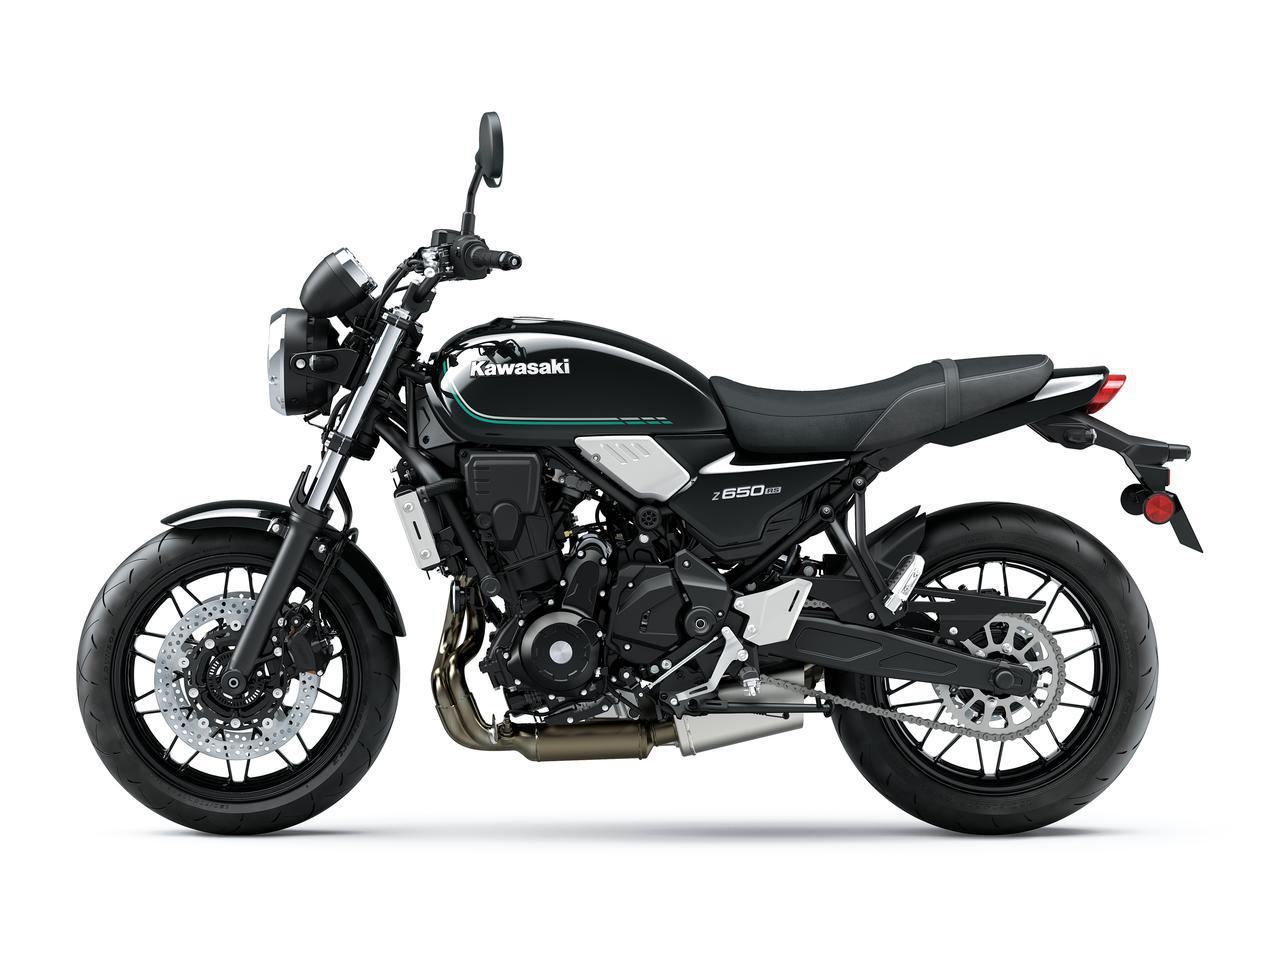 画像3: カワサキ「Z650RS」国内モデルに関する情報|発売時期が明らかに! 日本での販売価格も予想【2022速報】